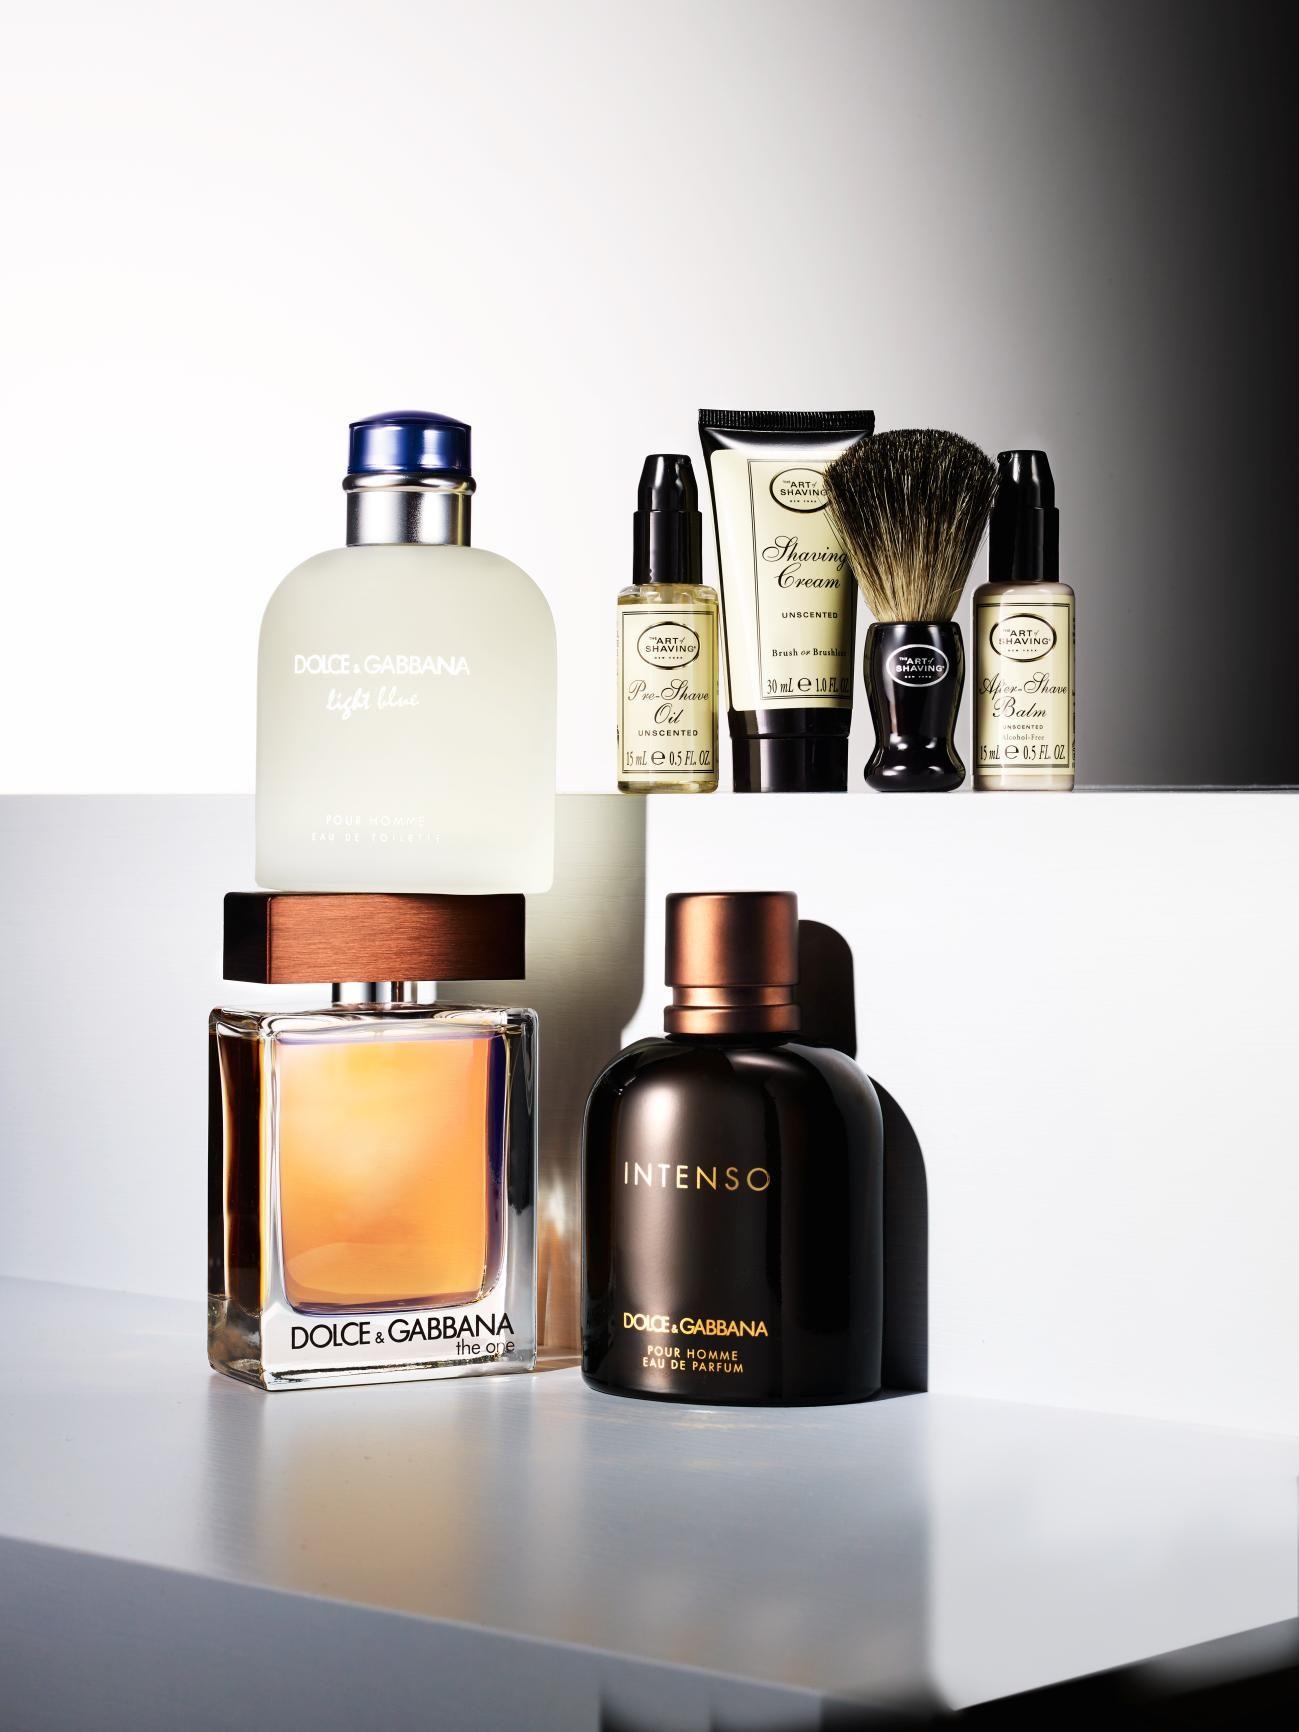 ac98d2434df8 Dolce & Gabbana DOLCE&GABBANA Men's The One Eau de Toilette Spray, 3.3 oz.  & Reviews - All Cologne - Beauty - Macy's